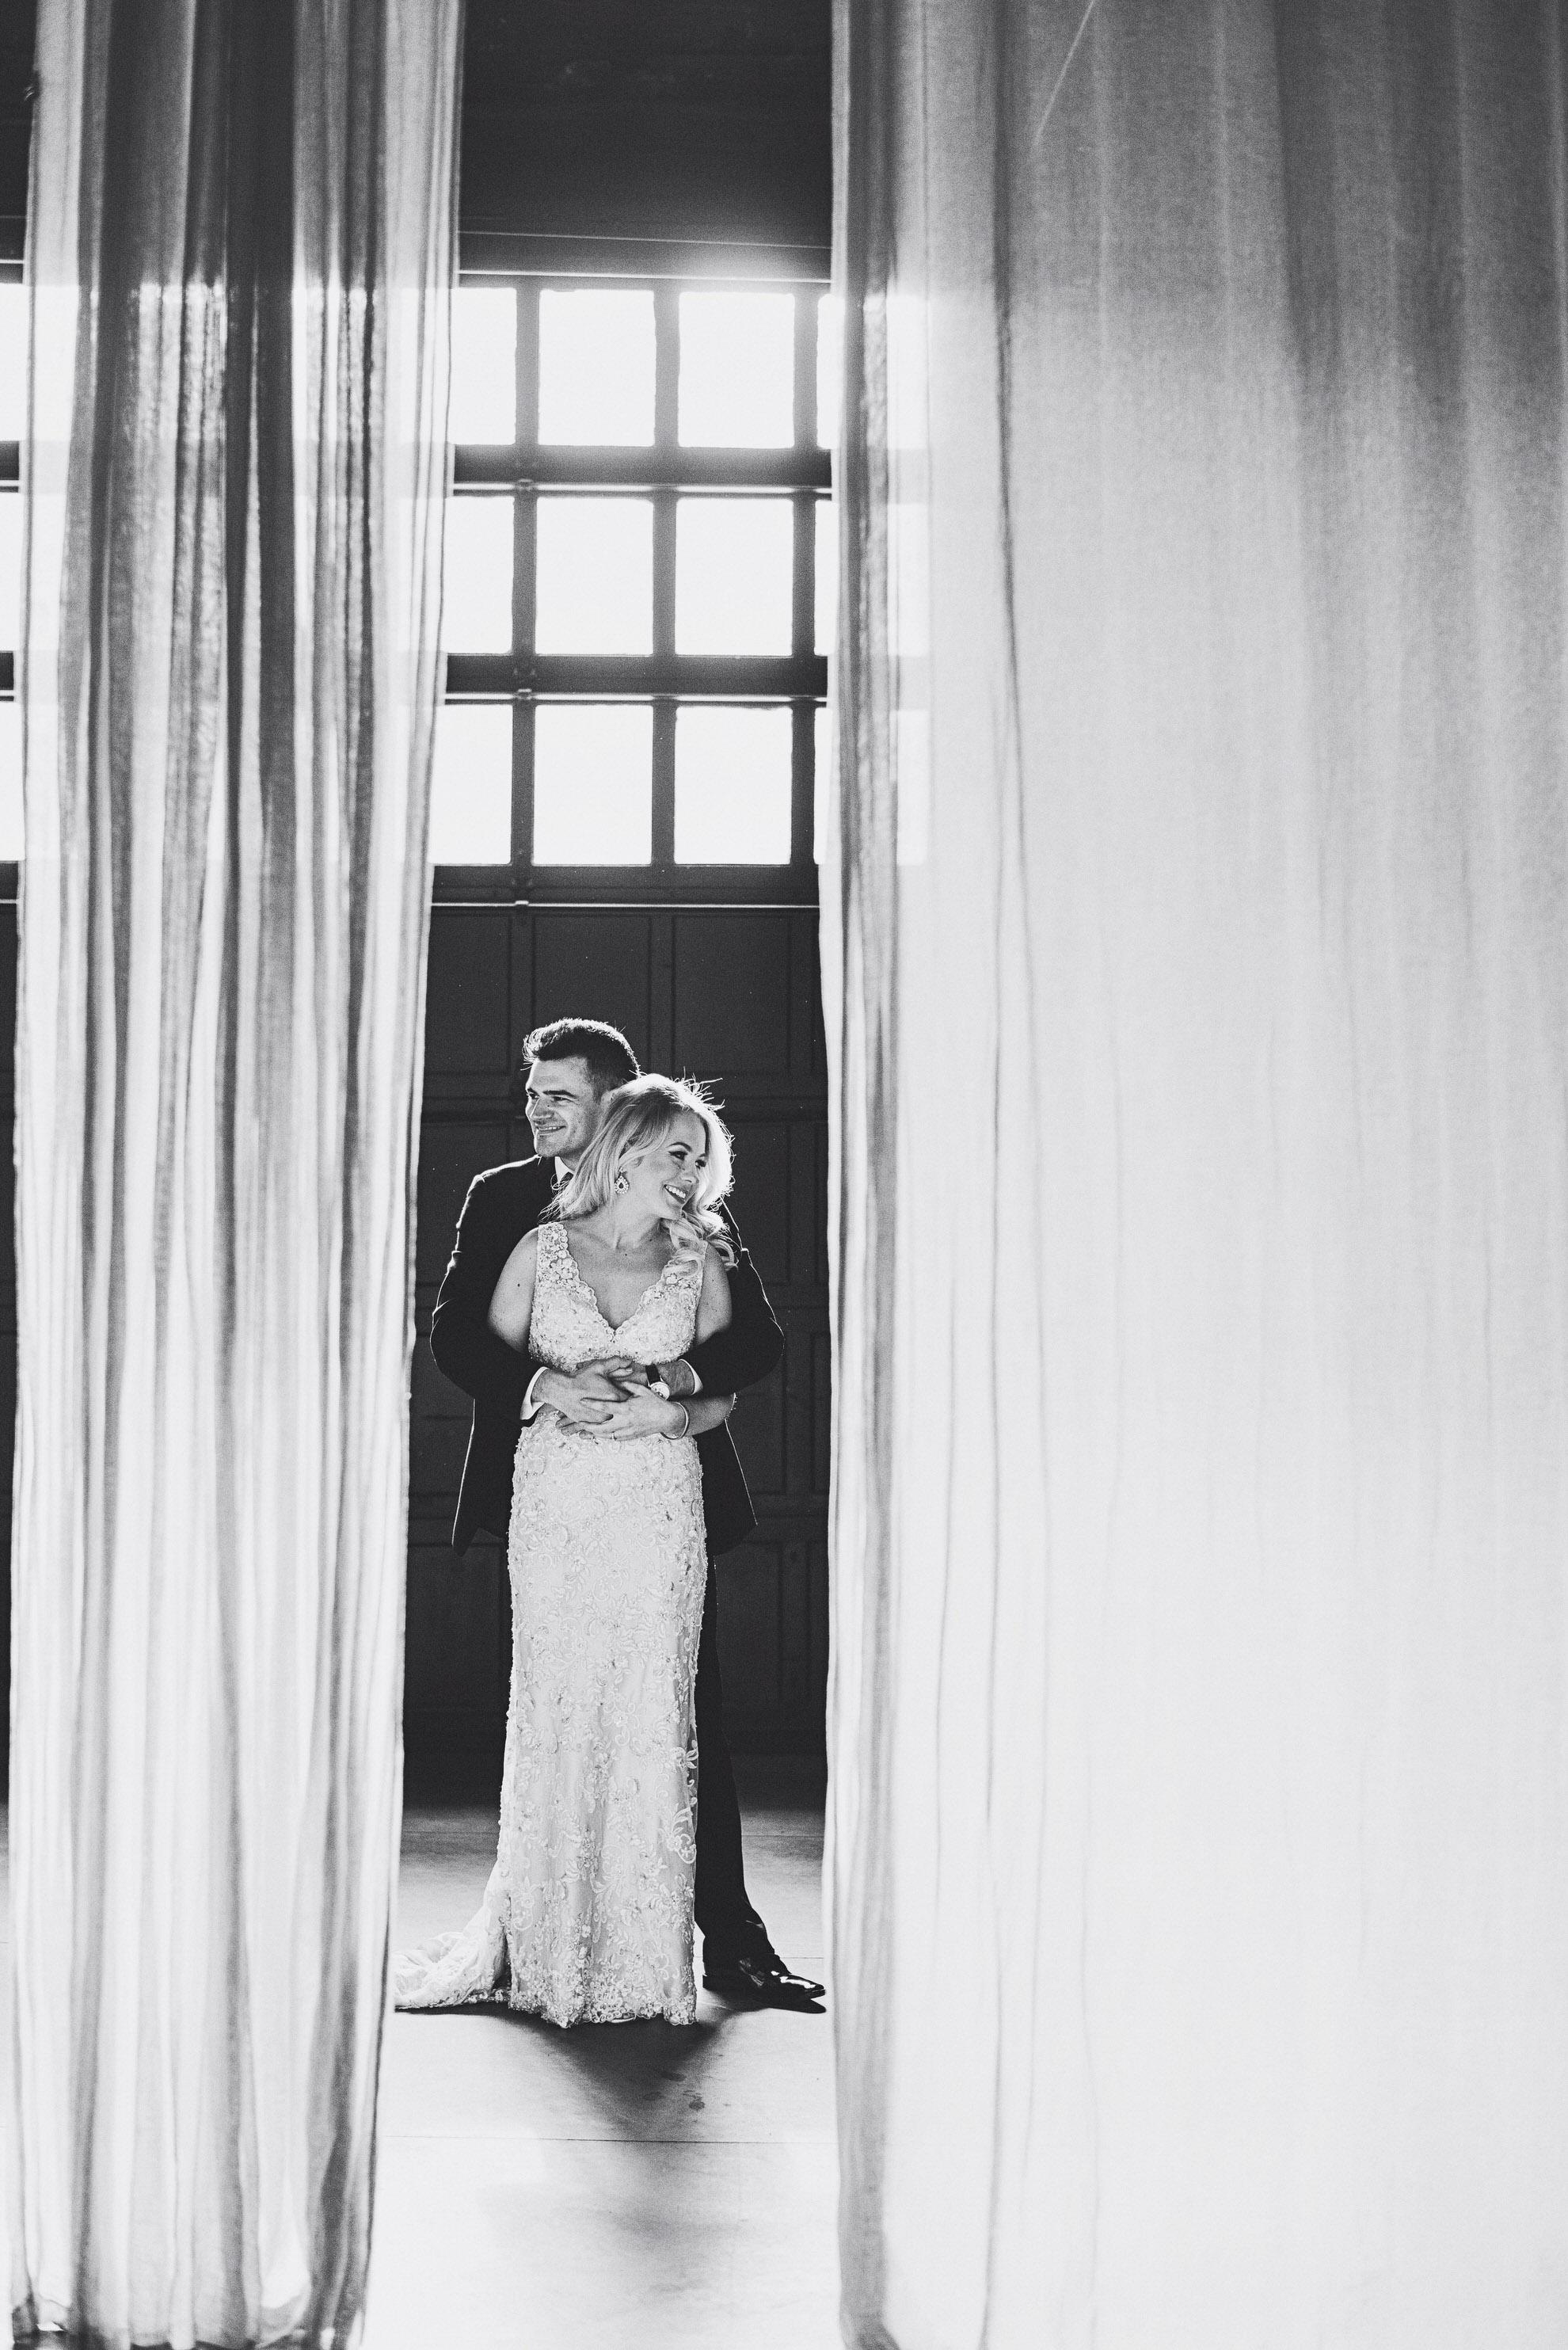 erika_Alex_wedding_by_lucas_botz_photography_1003.jpg